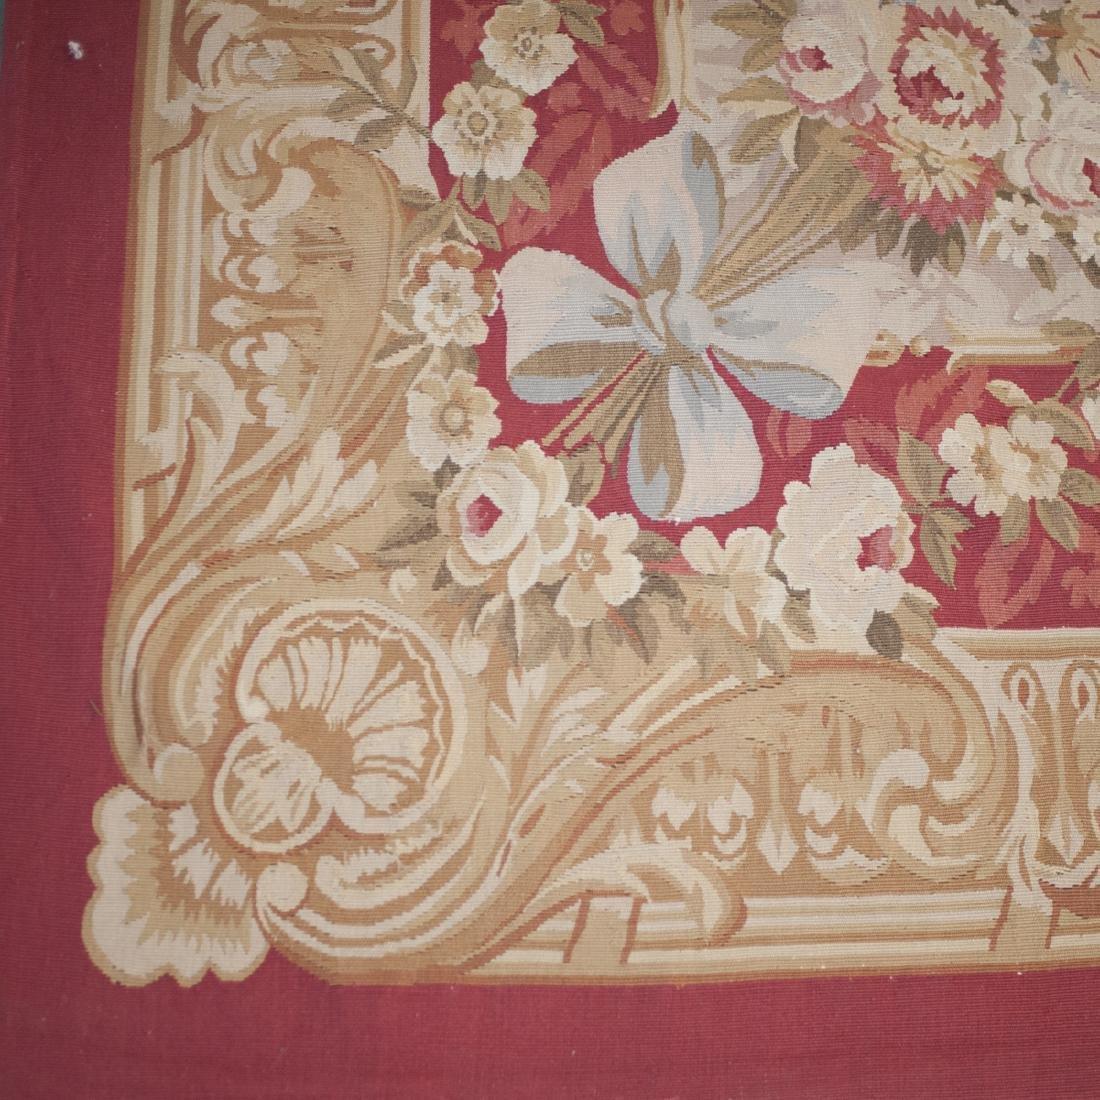 Large Antique Aubusson Carpet - 2